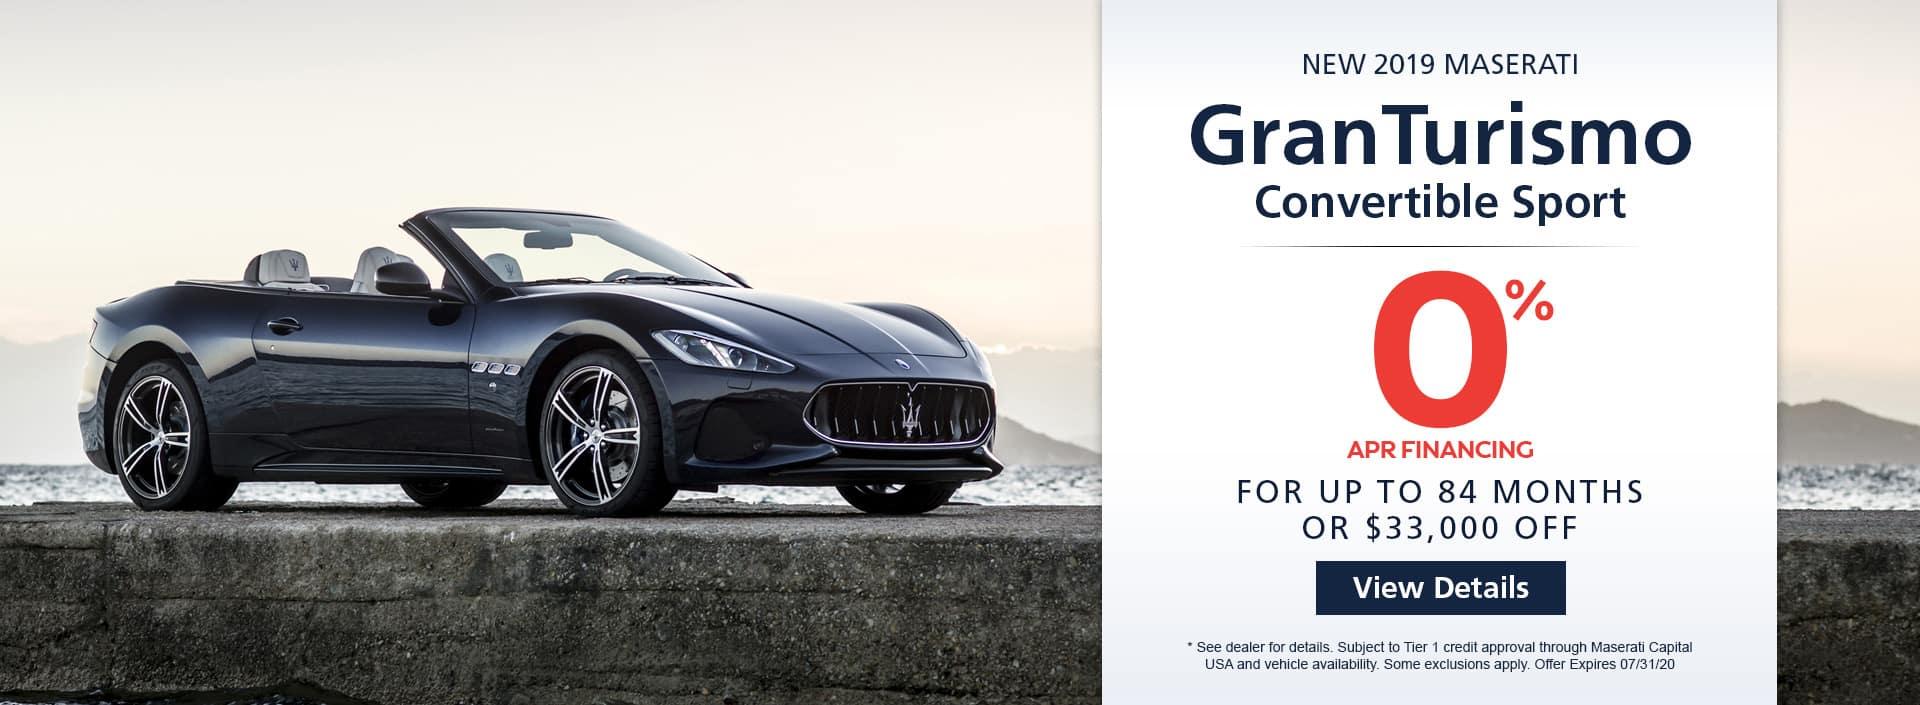 2019 Maserati GranTurismo Convertible Sport